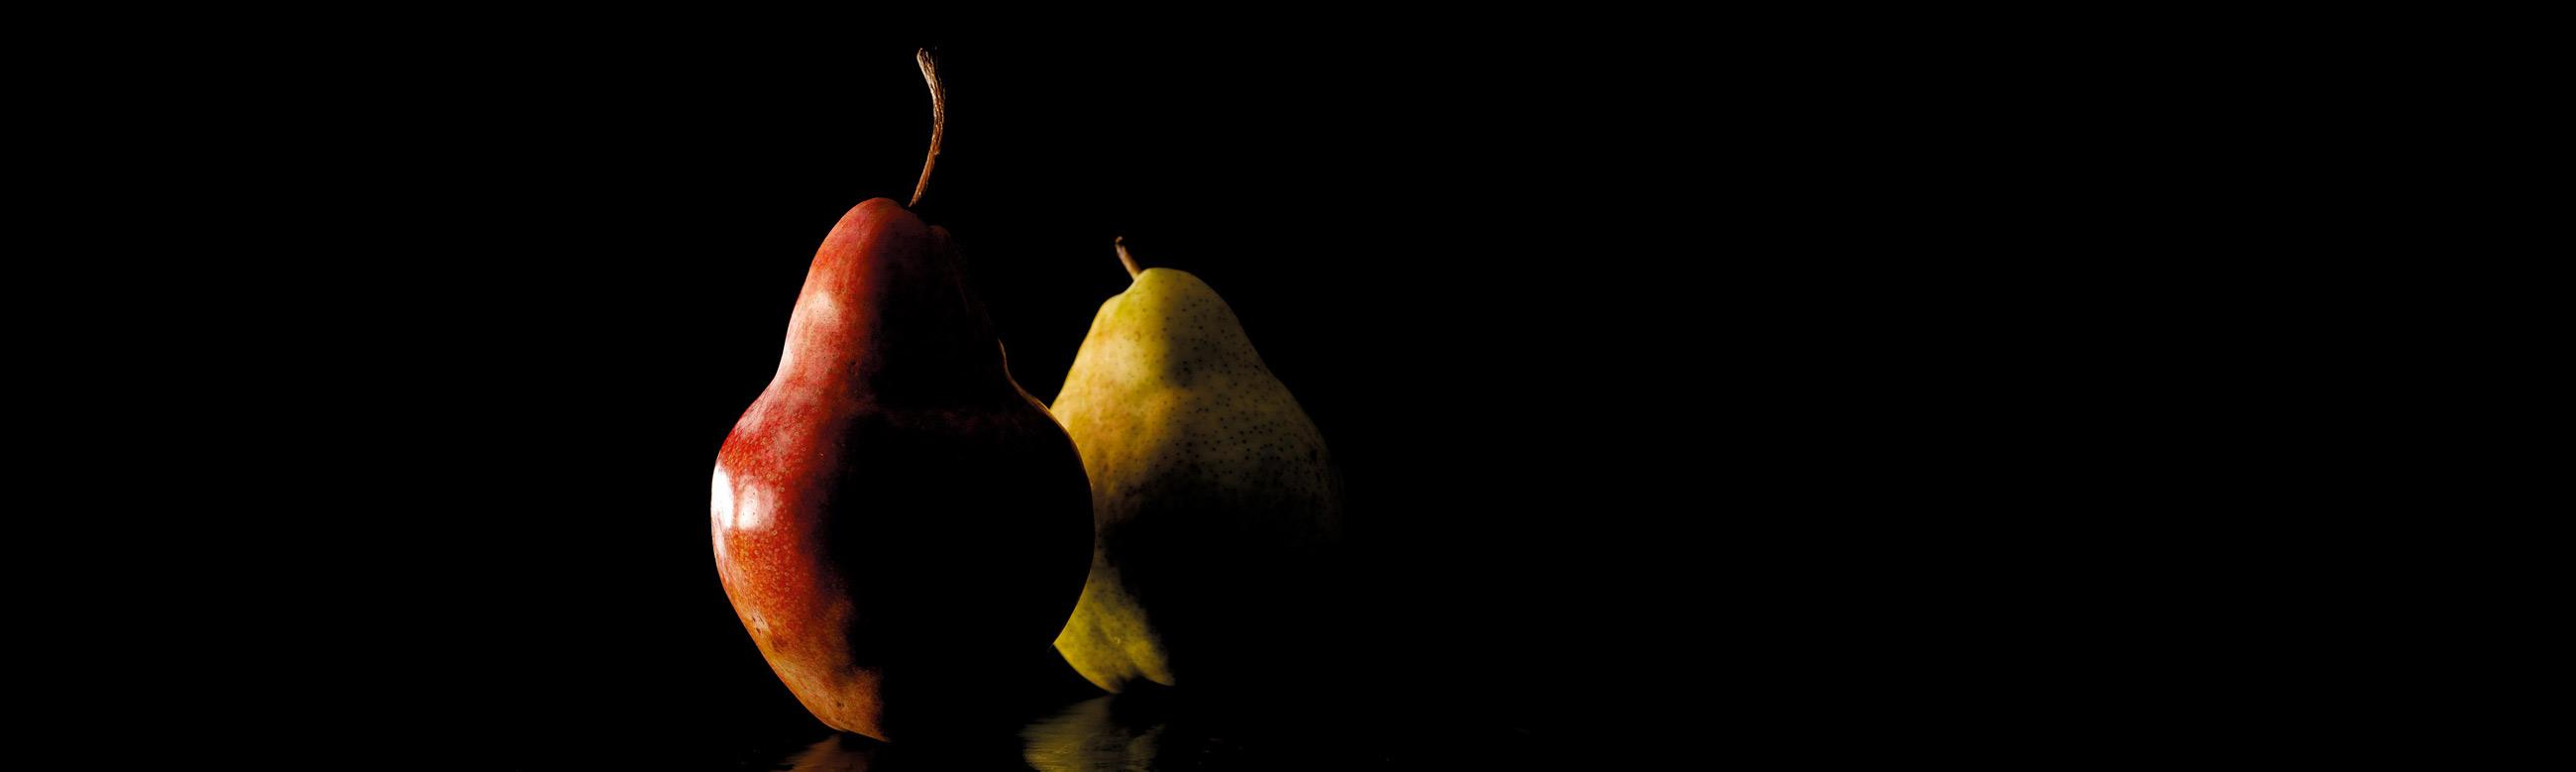 celia-goumard-photographe-culinaire-poir